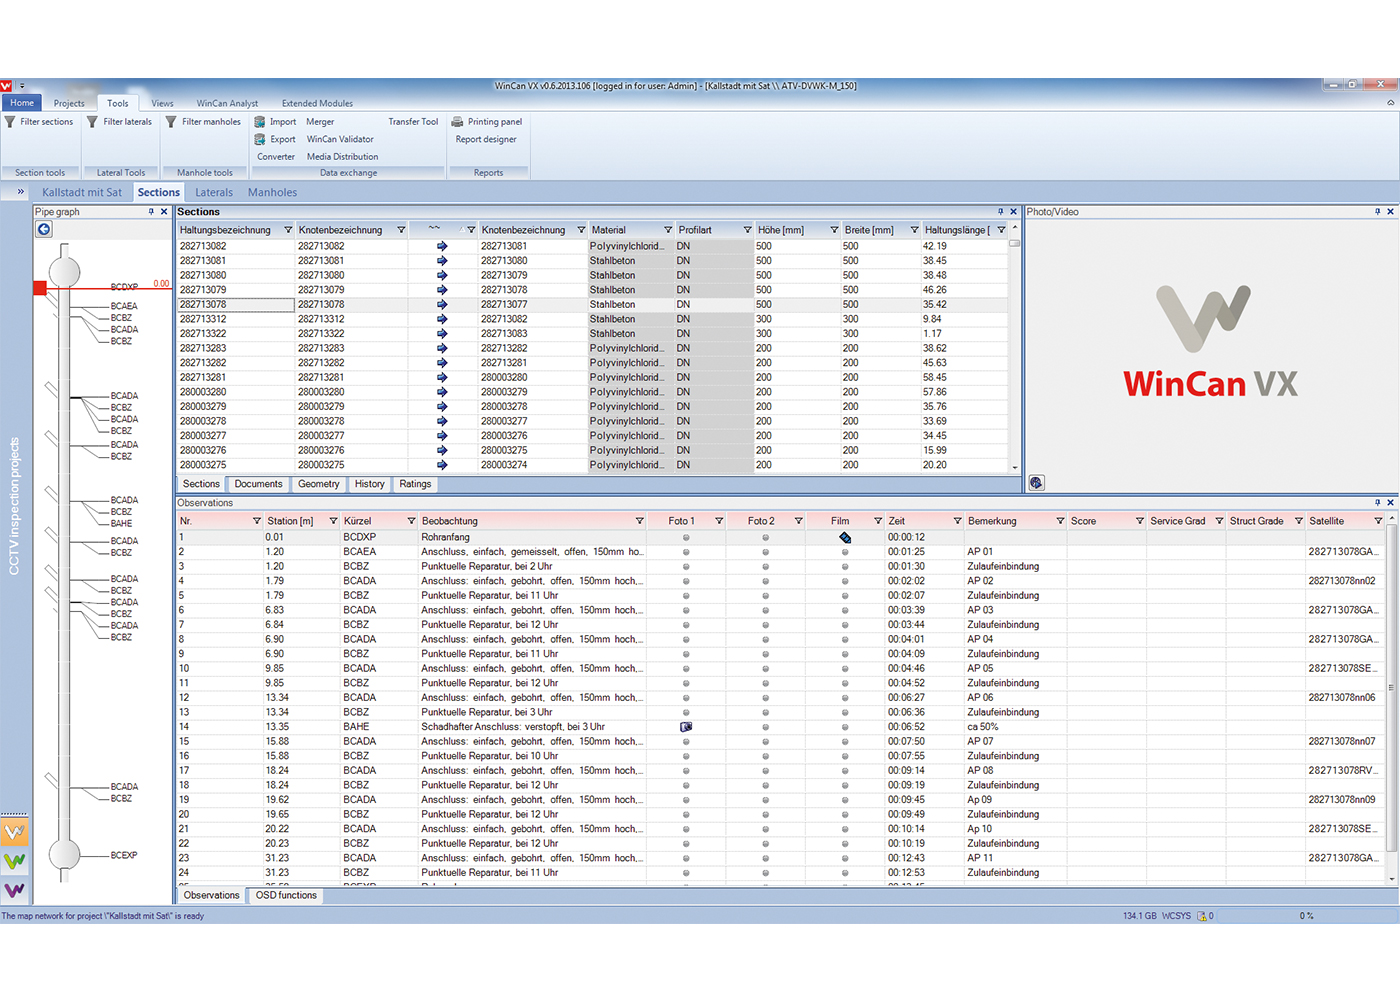 wincan vx Screenshot